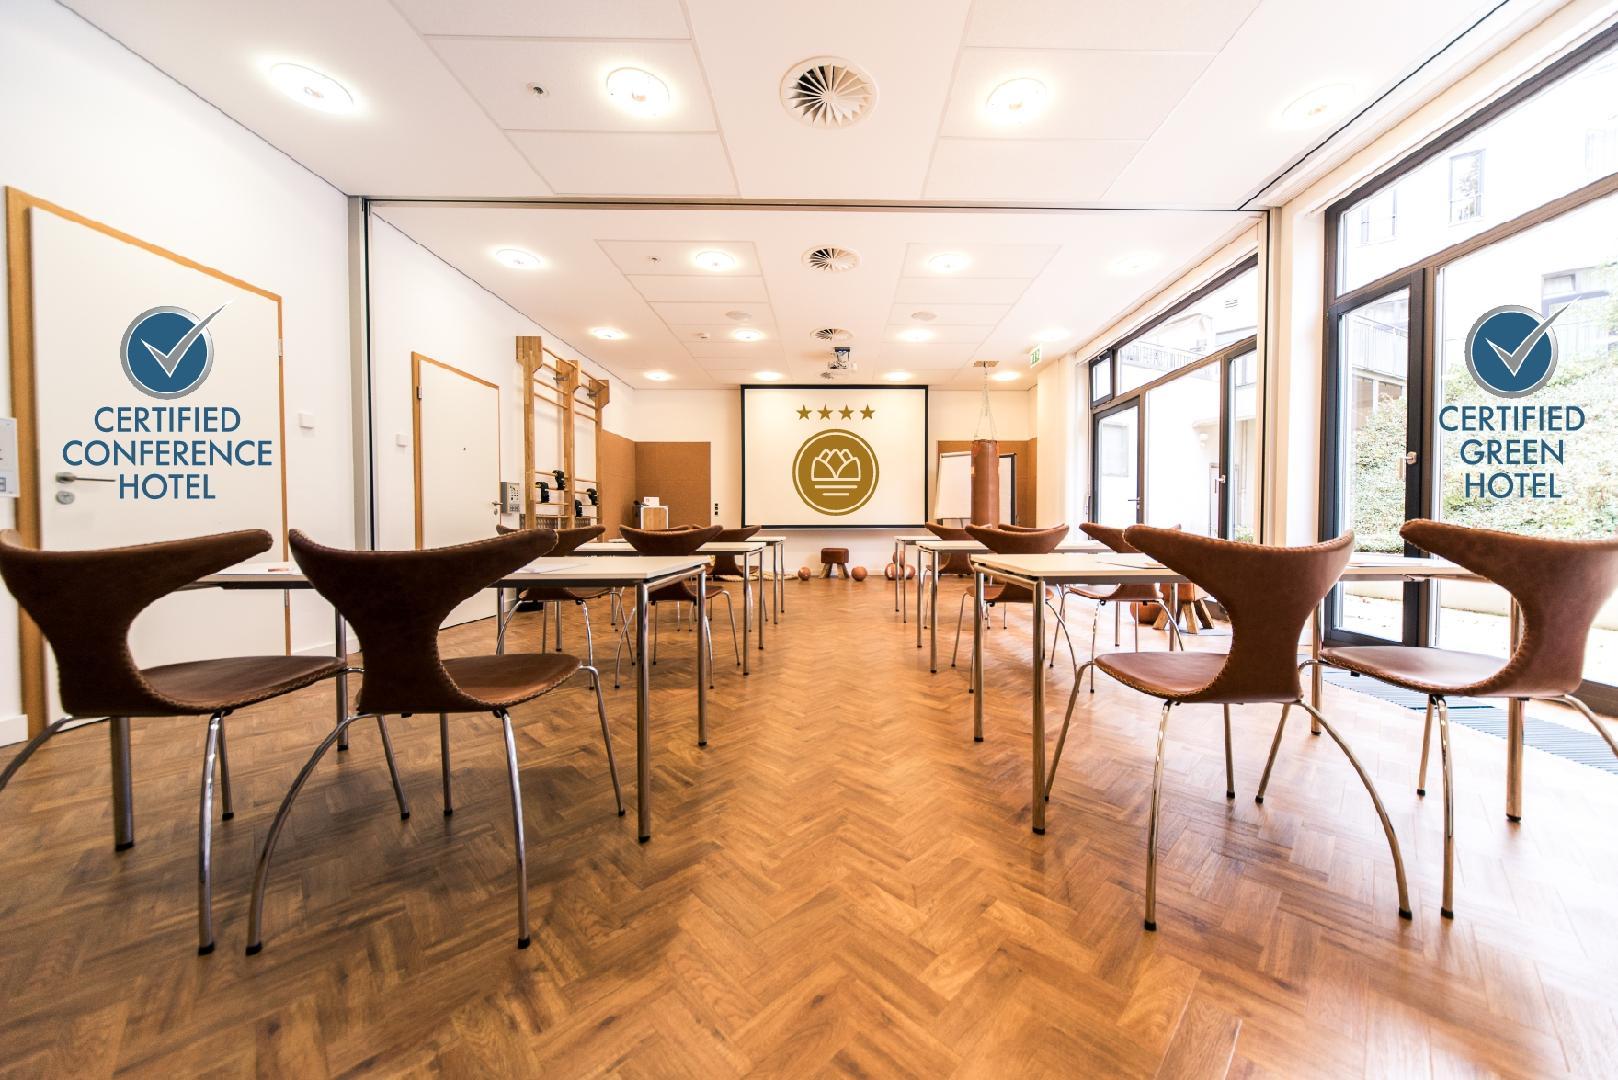 Bild 2 von Berliner Saal 1-3, Galerie A-D, Galerie E-F, Boardräume 1 und 2